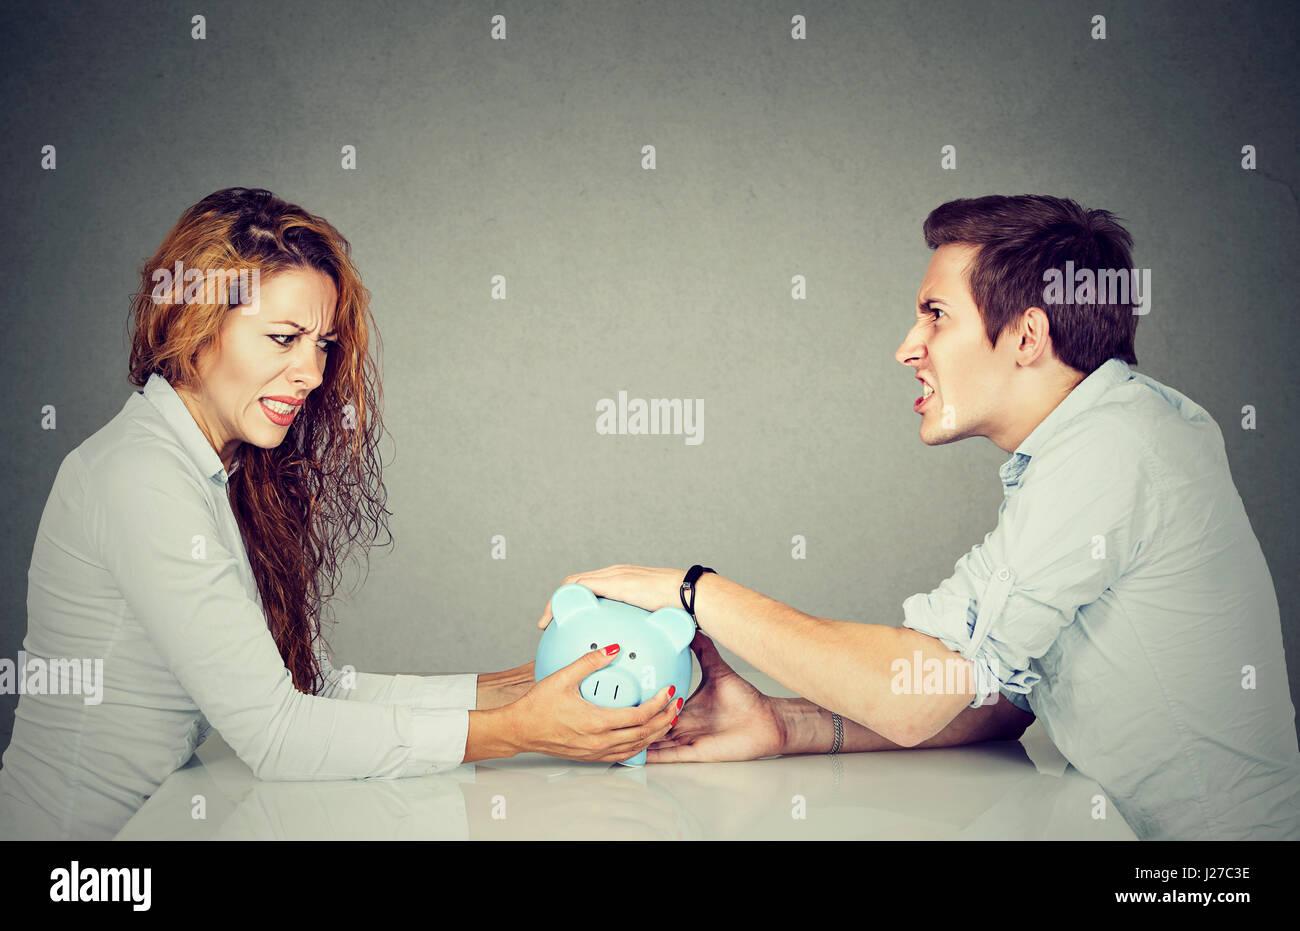 Finanzen in Scheidung-Konzept. Frau und Mann können nicht Siedlung Sparschwein sitzend am Tisch sahen einander Stockbild